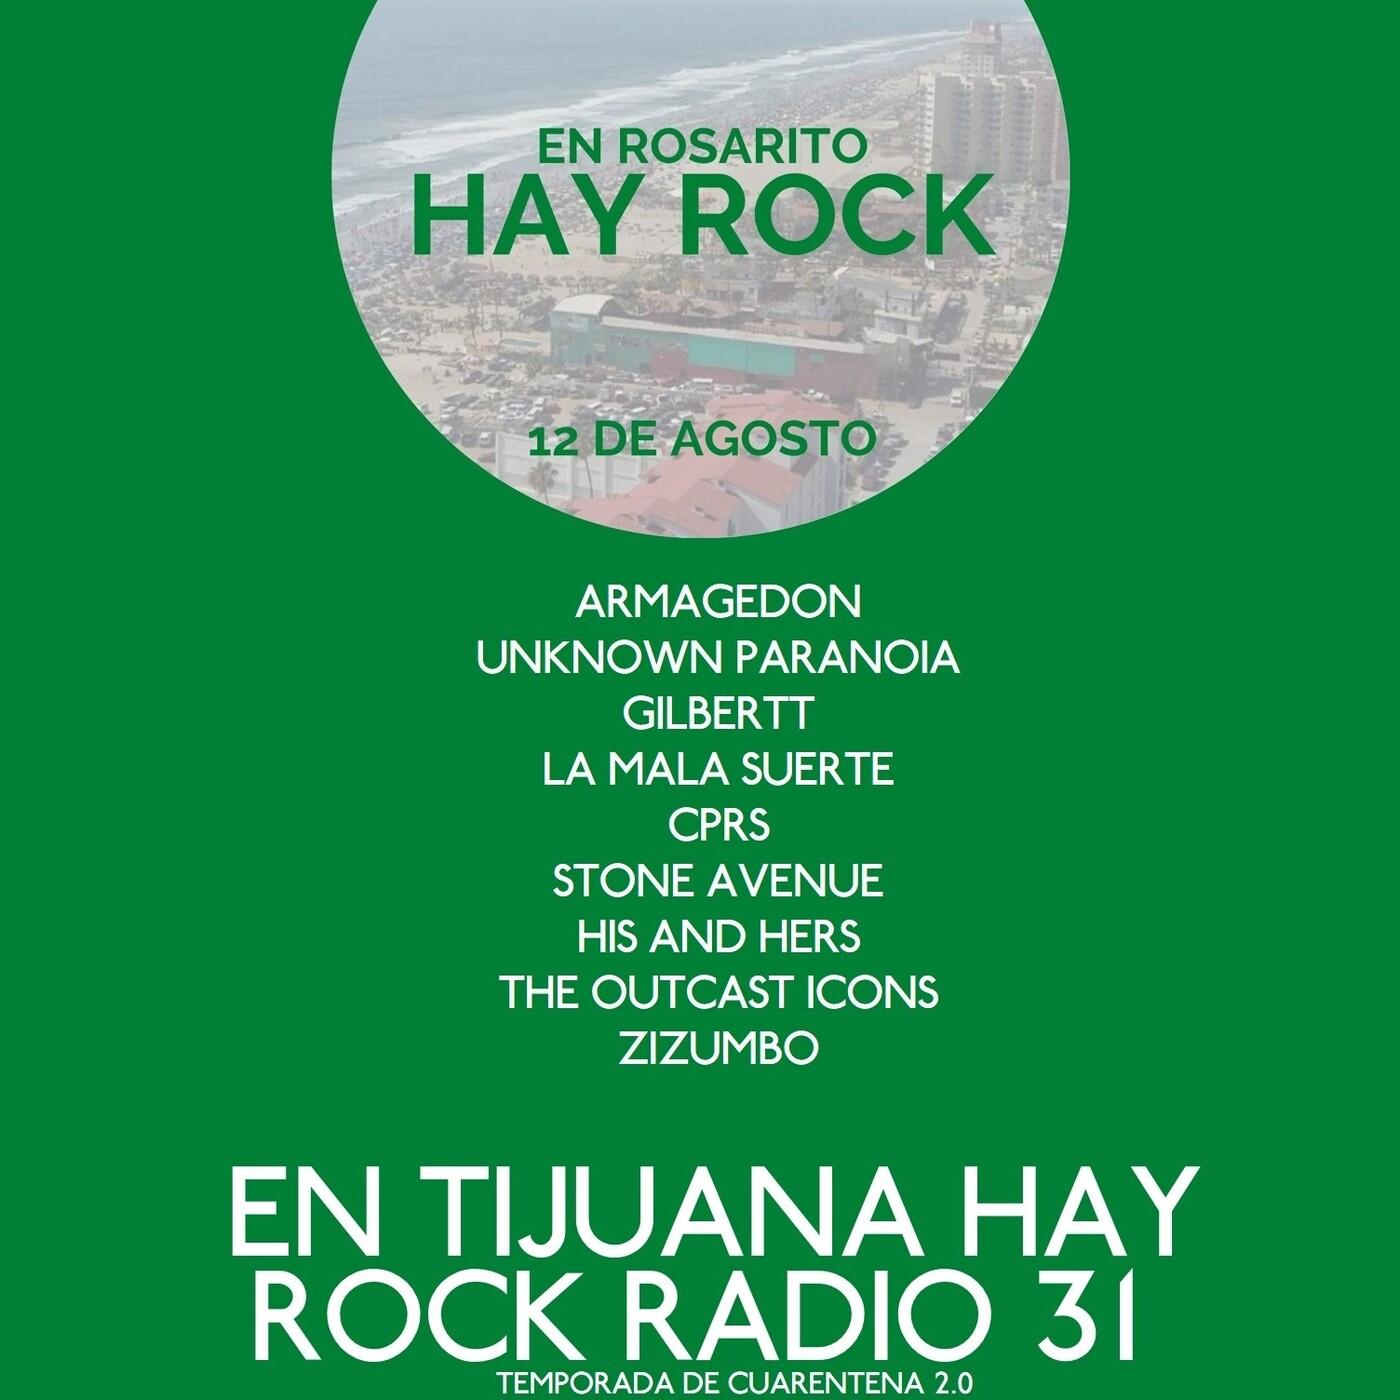 En Tijuana Hay Rock Radio - Temporada De Cuarentena 2.0 - 31: En Rosarito Hay Rock